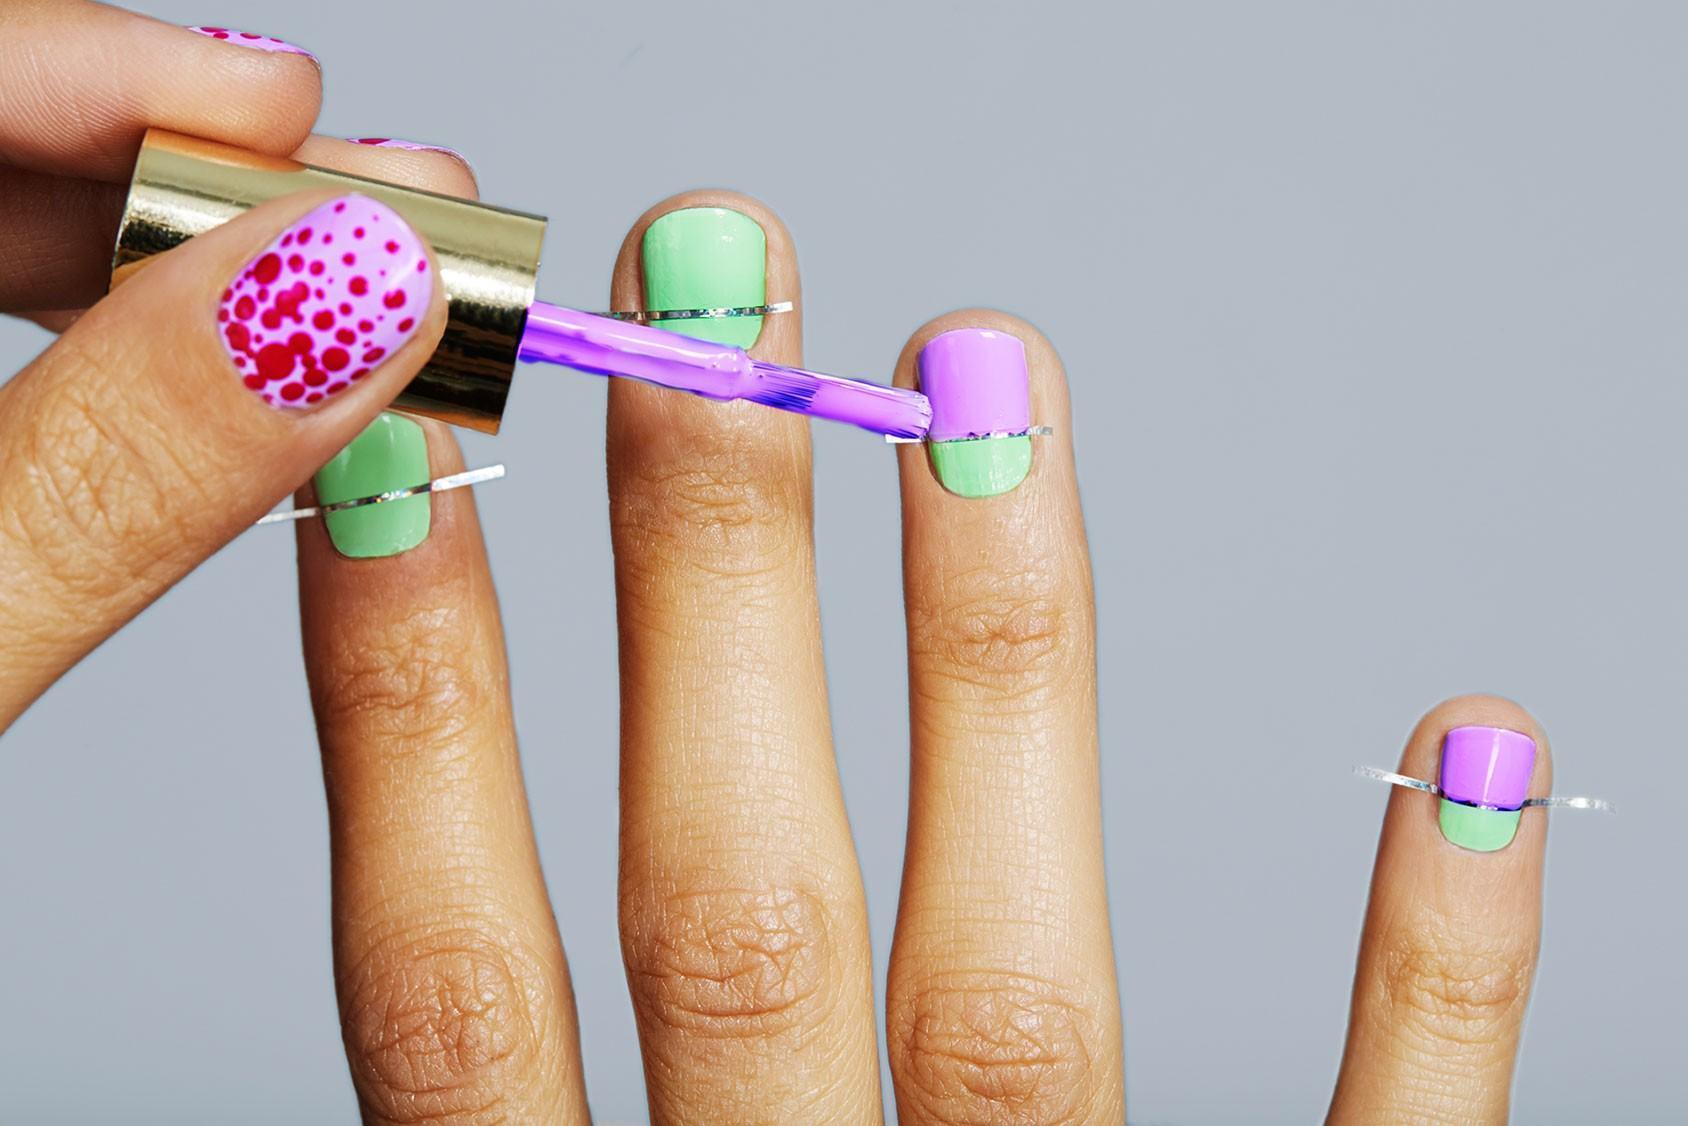 Массаж шейно-воротникового отдела  дизайн ногтей рисунки в новосибирске здесь представлены цены на дизайн ногтей рисунки в маникюрных салонах в новосибирске.